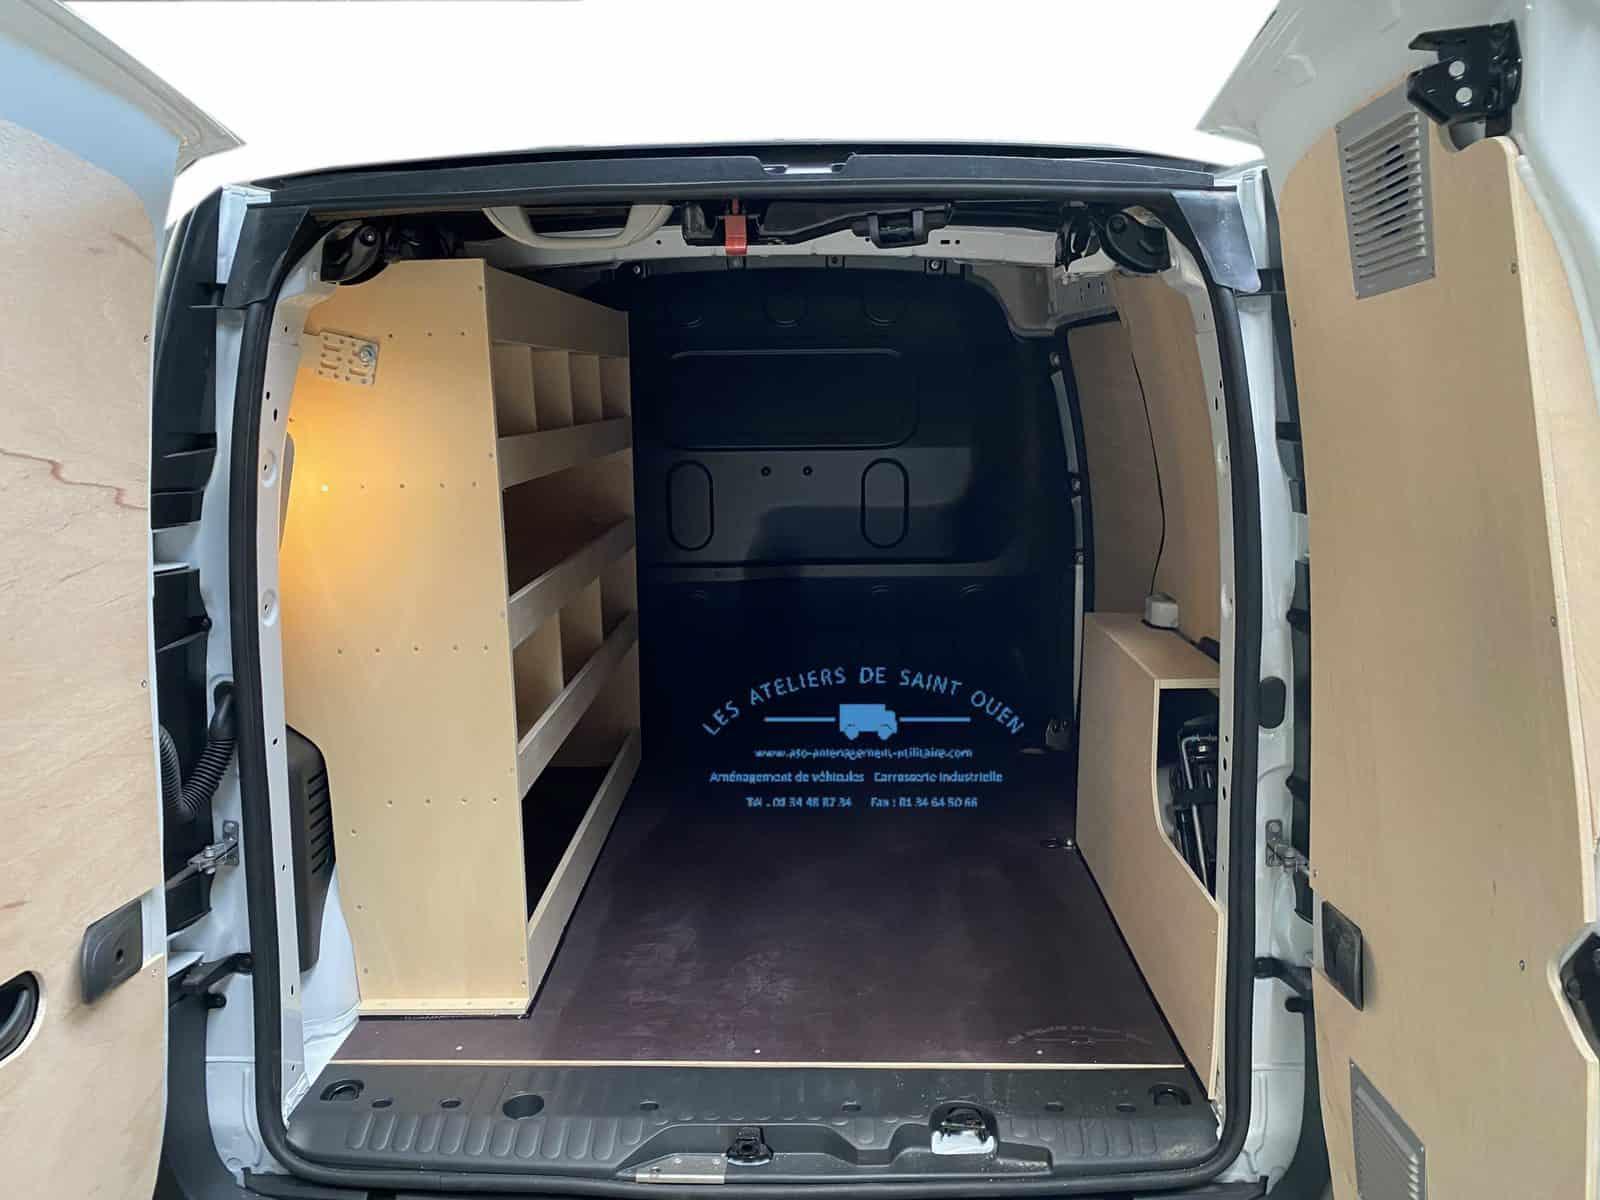 Amenagement Vehicule Utilitaire Habillage Bois Etageres Kangoo Ateliersstouen Ateliers De Saint Ouen